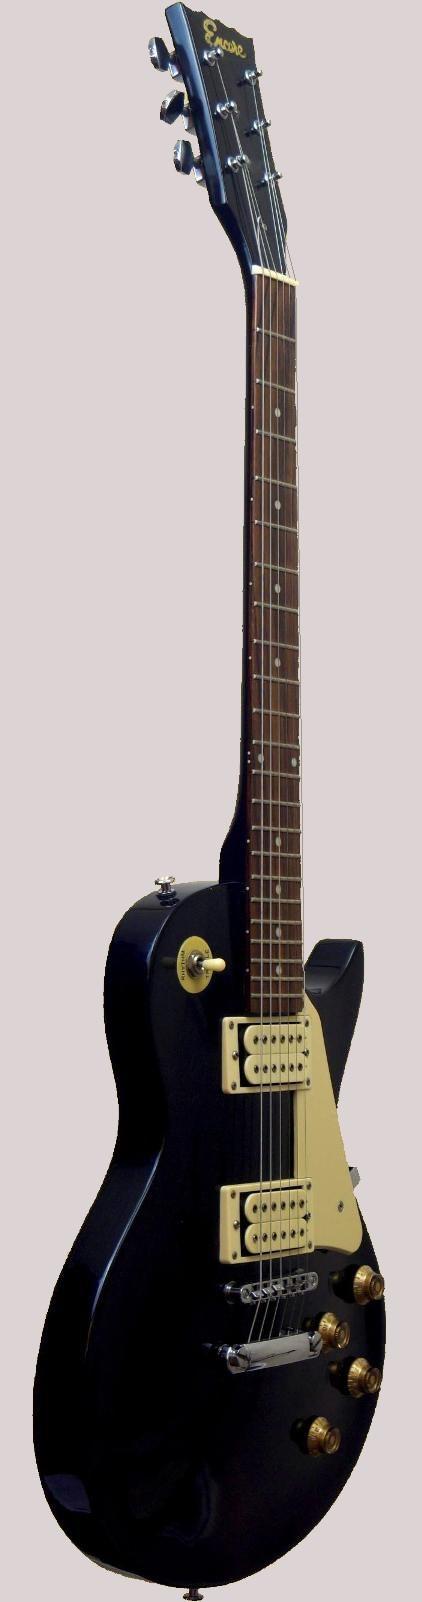 jhs vintage encore les paul guitar